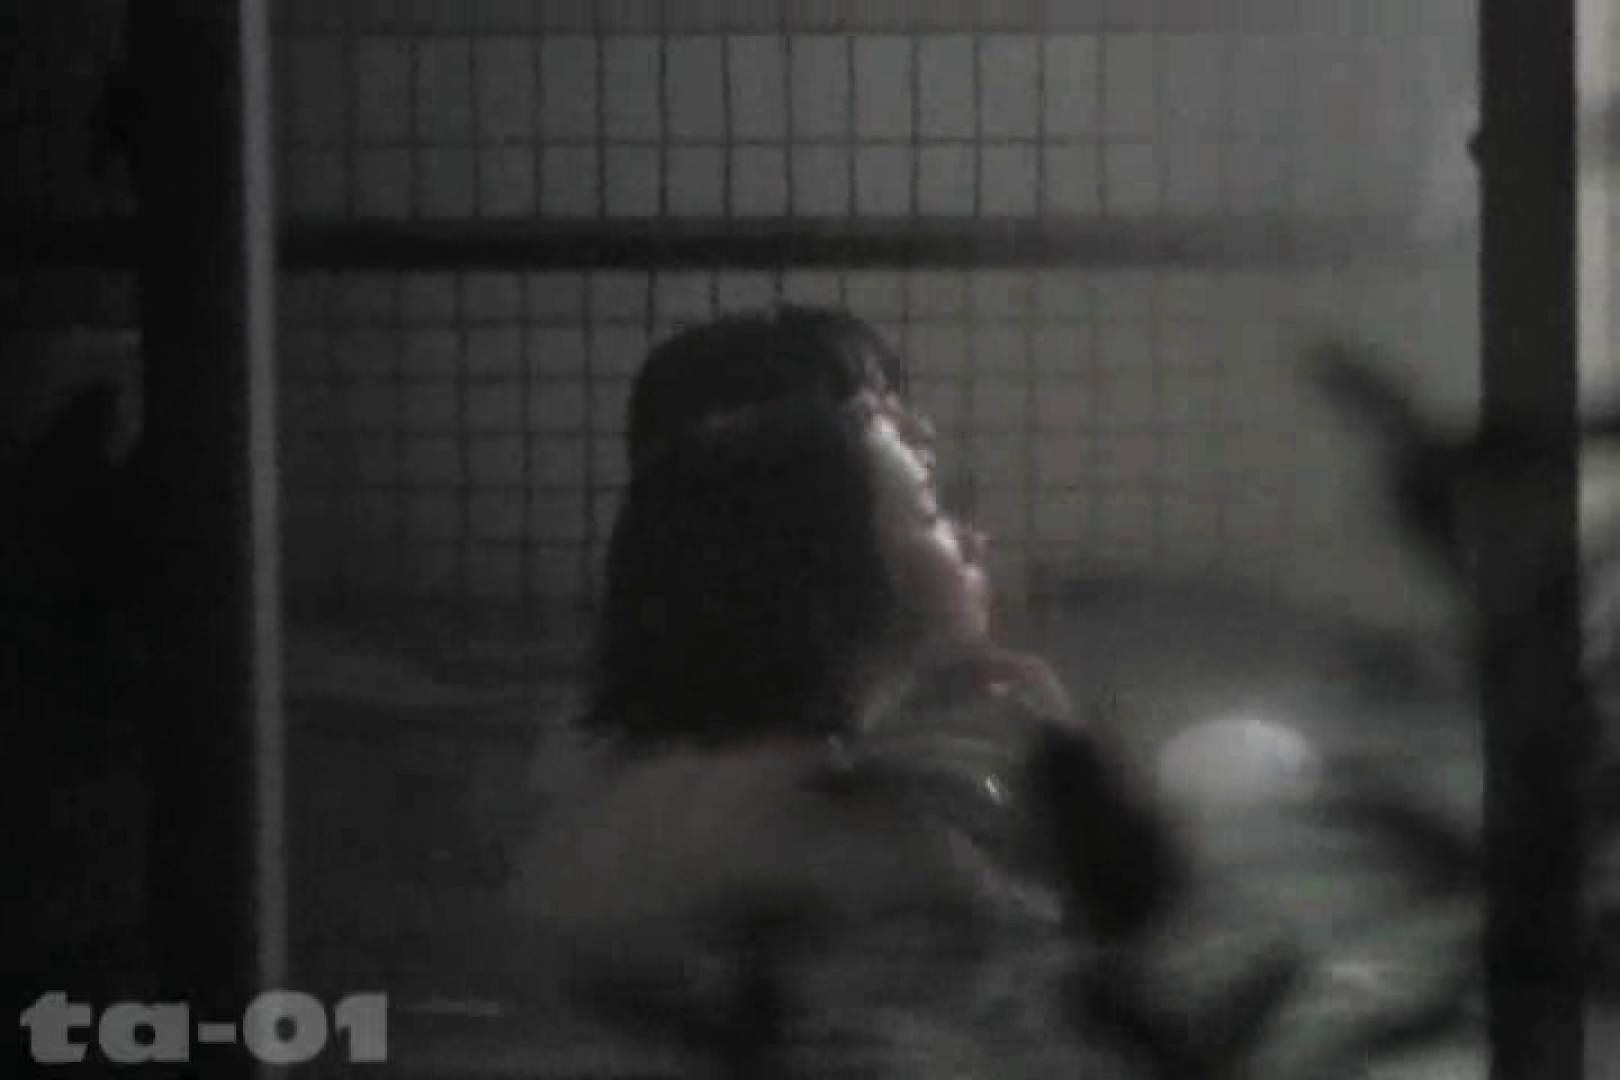 合宿ホテル女風呂盗撮高画質版 Vol.01 ホテル のぞき動画画像 98pic 33